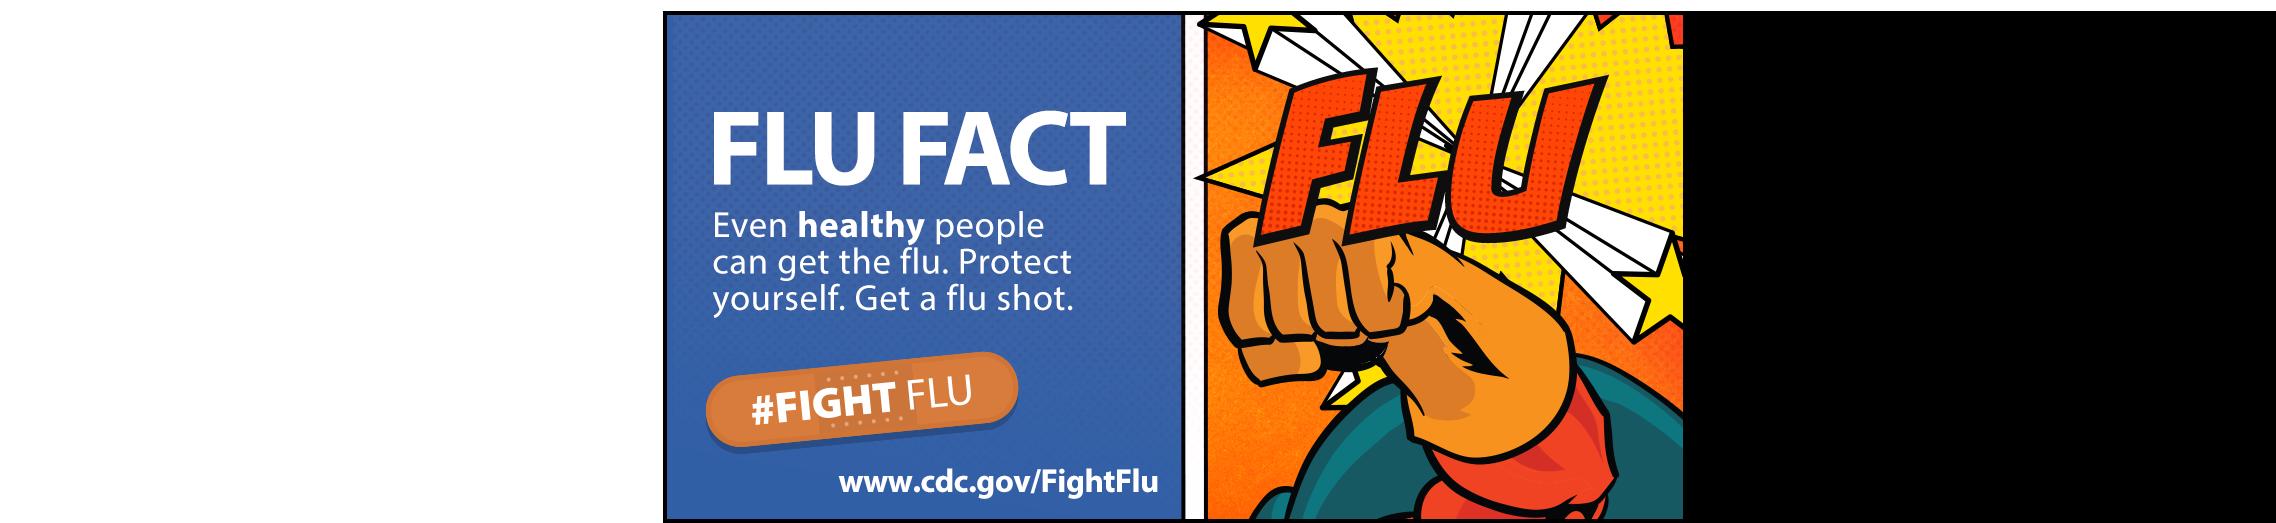 Flu_Fact